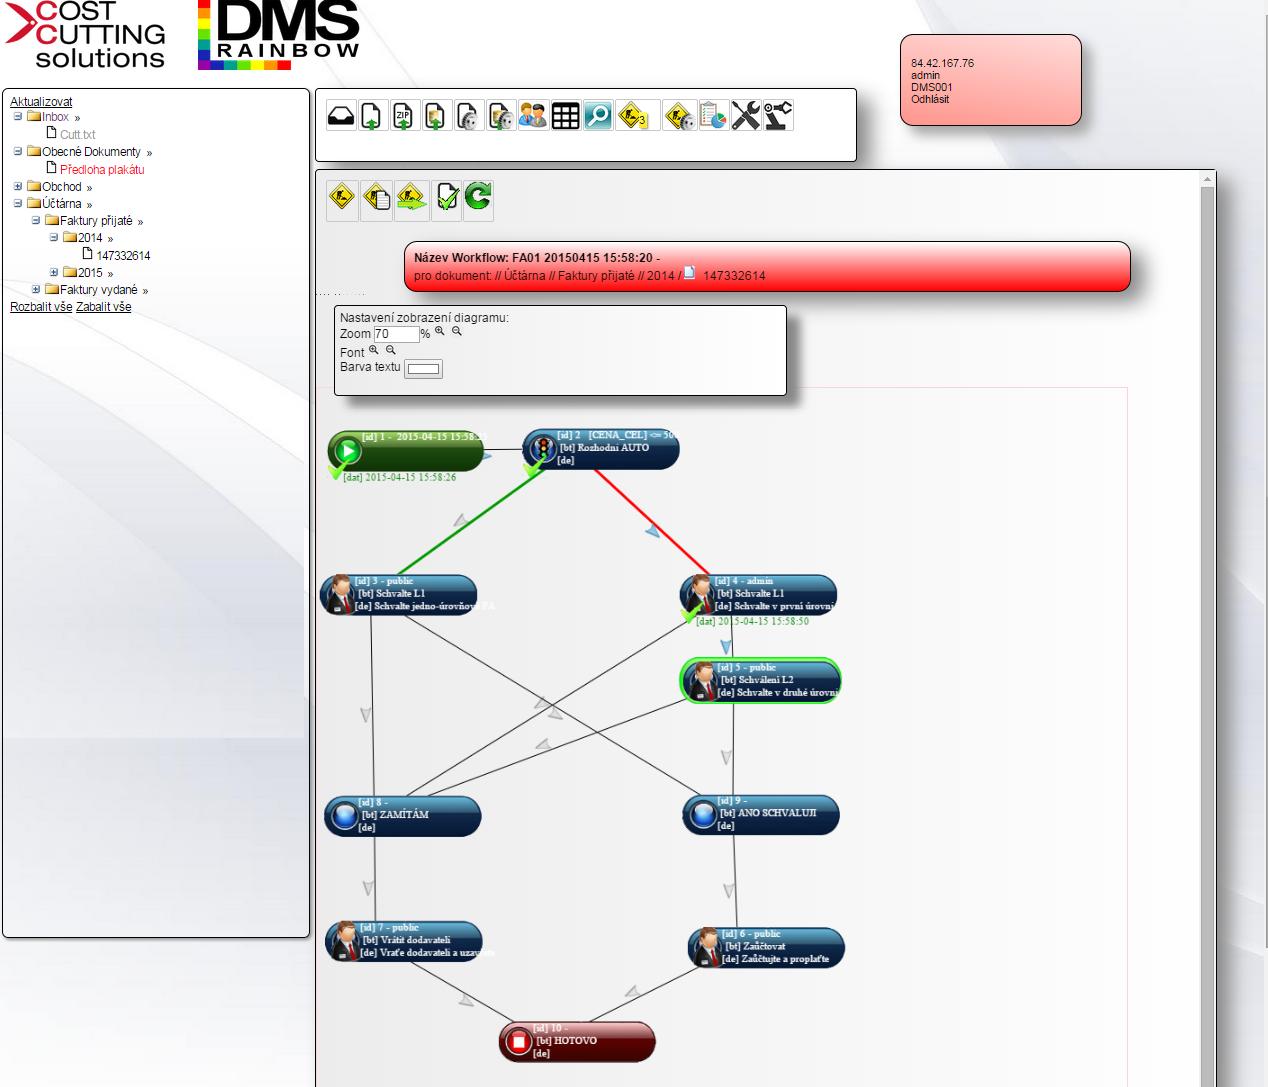 Grafický Workflow diagram DMS RAINBOW Znázornění průběhu priocesu zpracování faktury